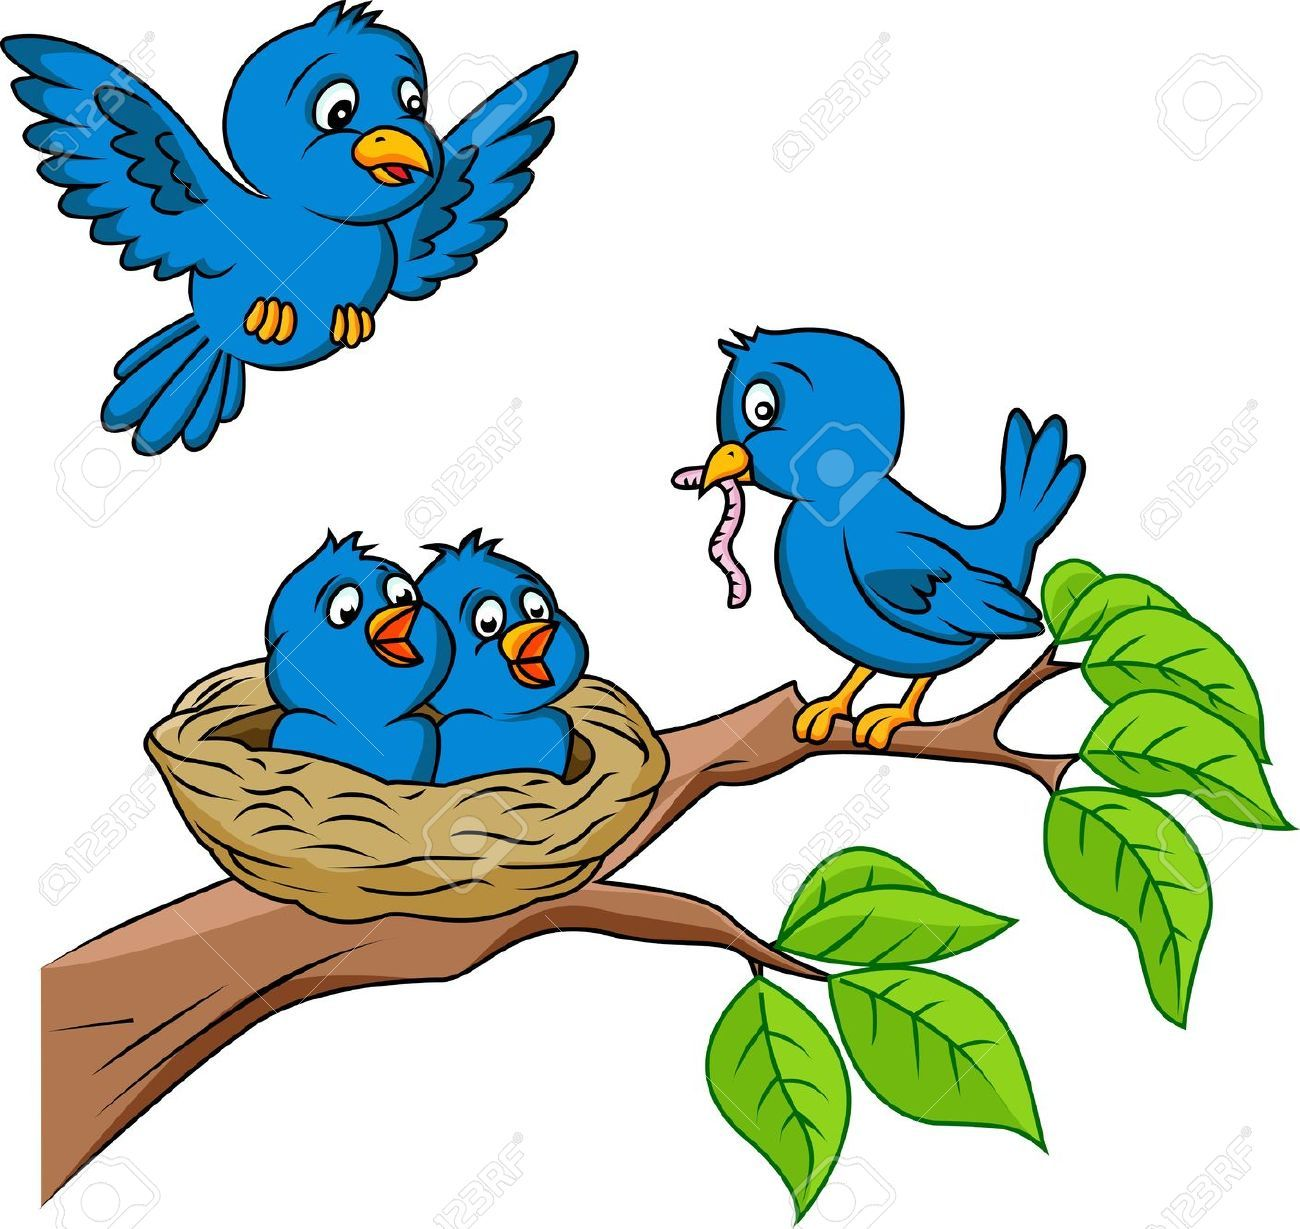 Bird Cartoon Images, Stock Pictures, Royalty Free Bird Cartoon.